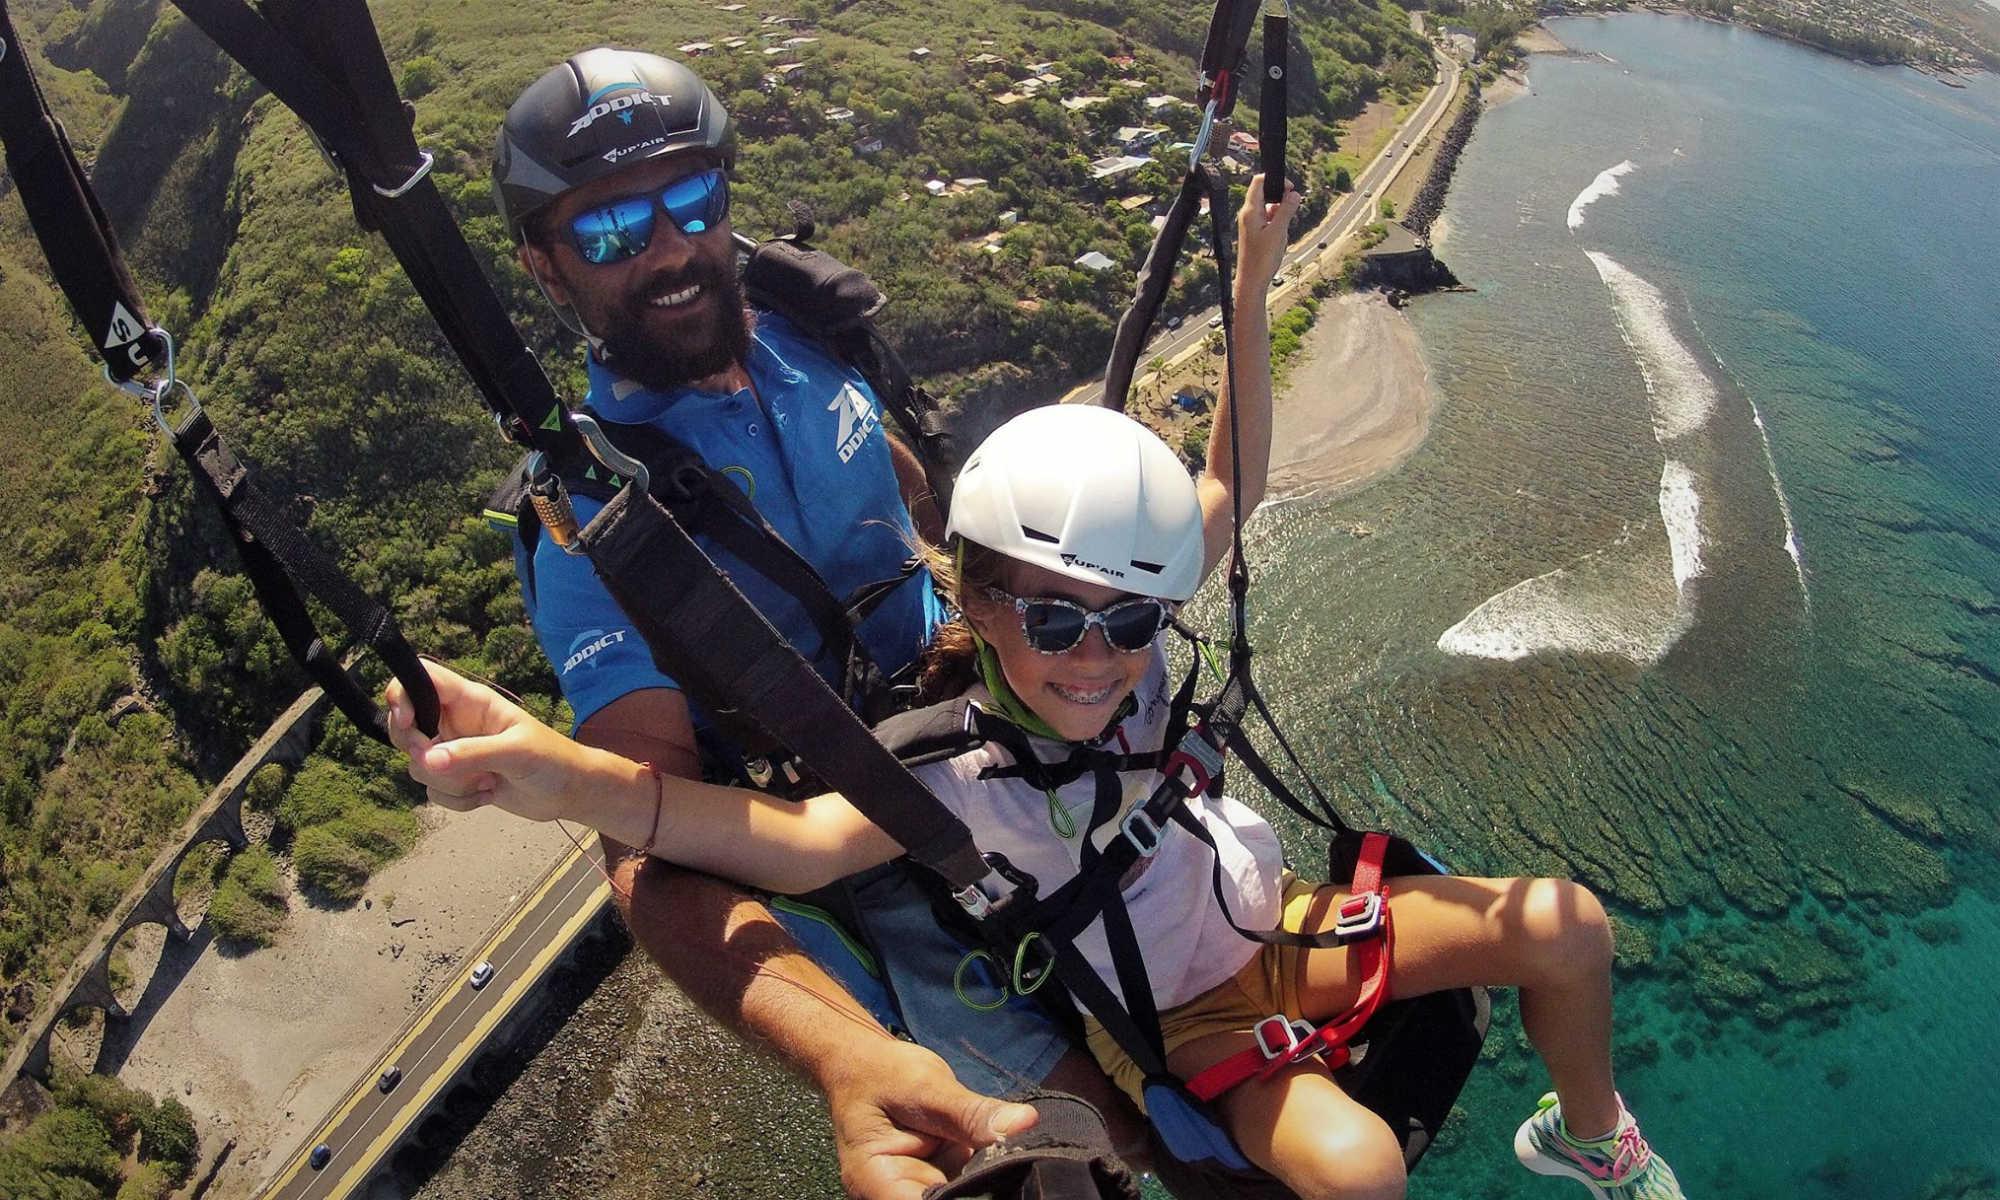 Un enfant souriant prend les commandes lors d'un vol en parapente à La Réunion.